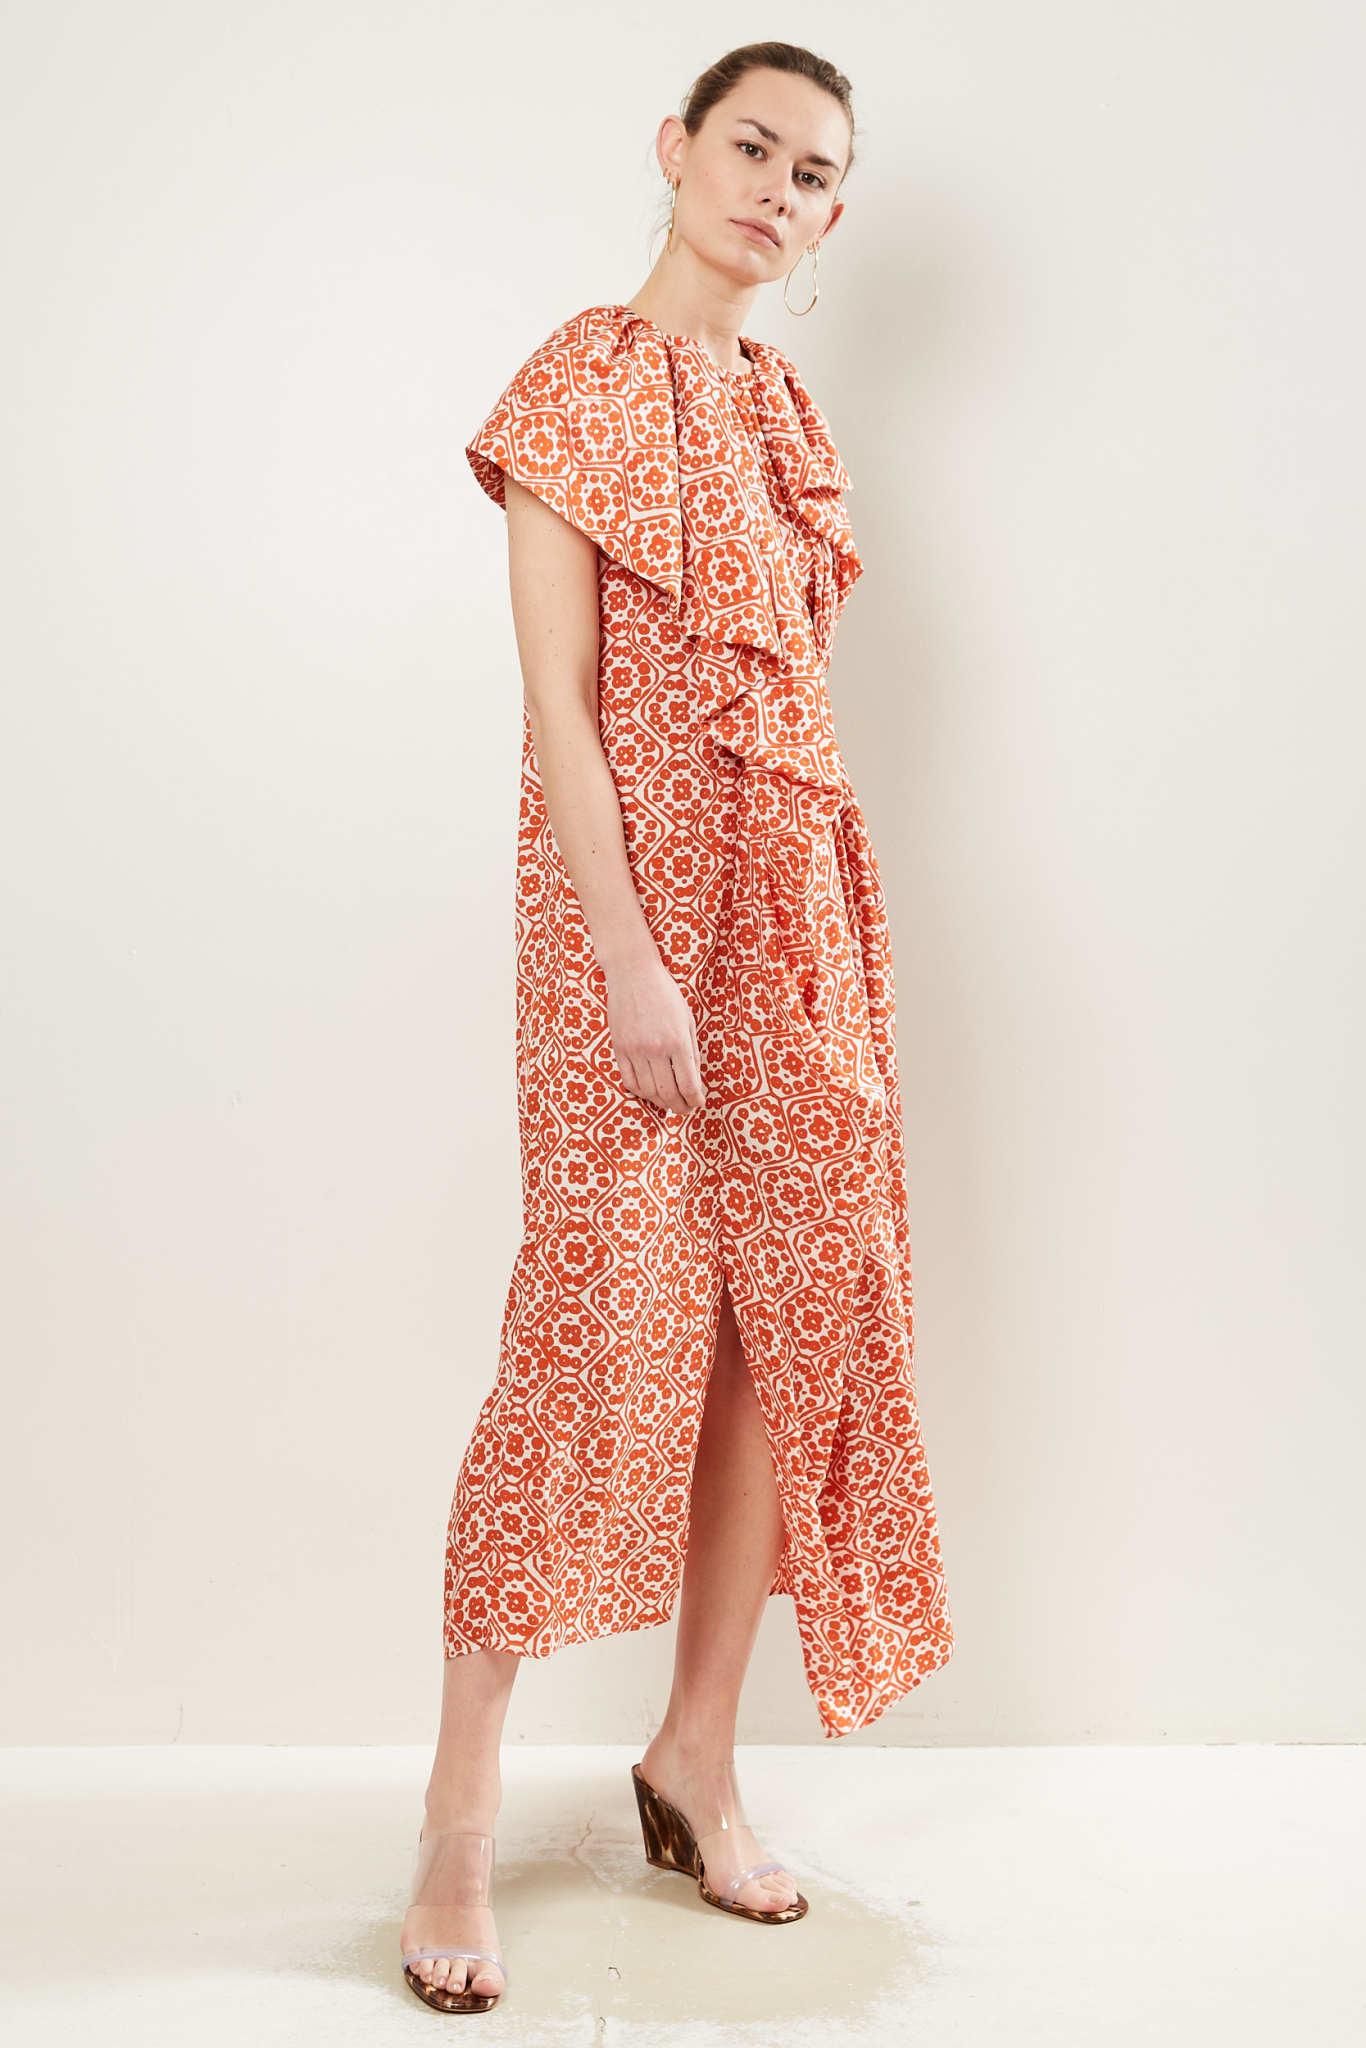 Christian Wijnants Diji silk blend dress.